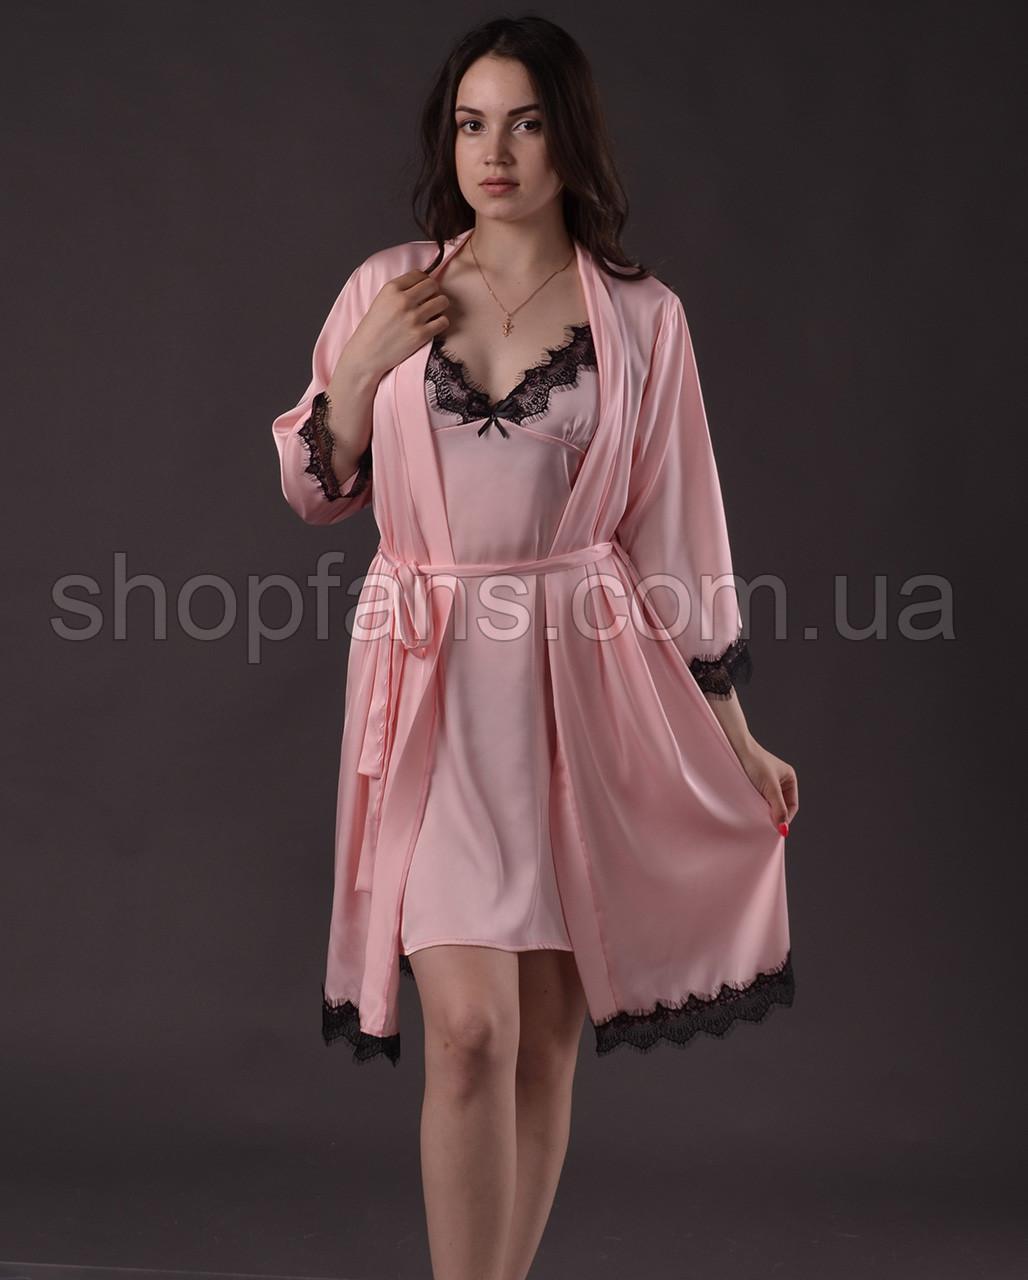 Комплект женский ( пеньюар + халат )  из шелка Армани с французским кружевом Шантильи